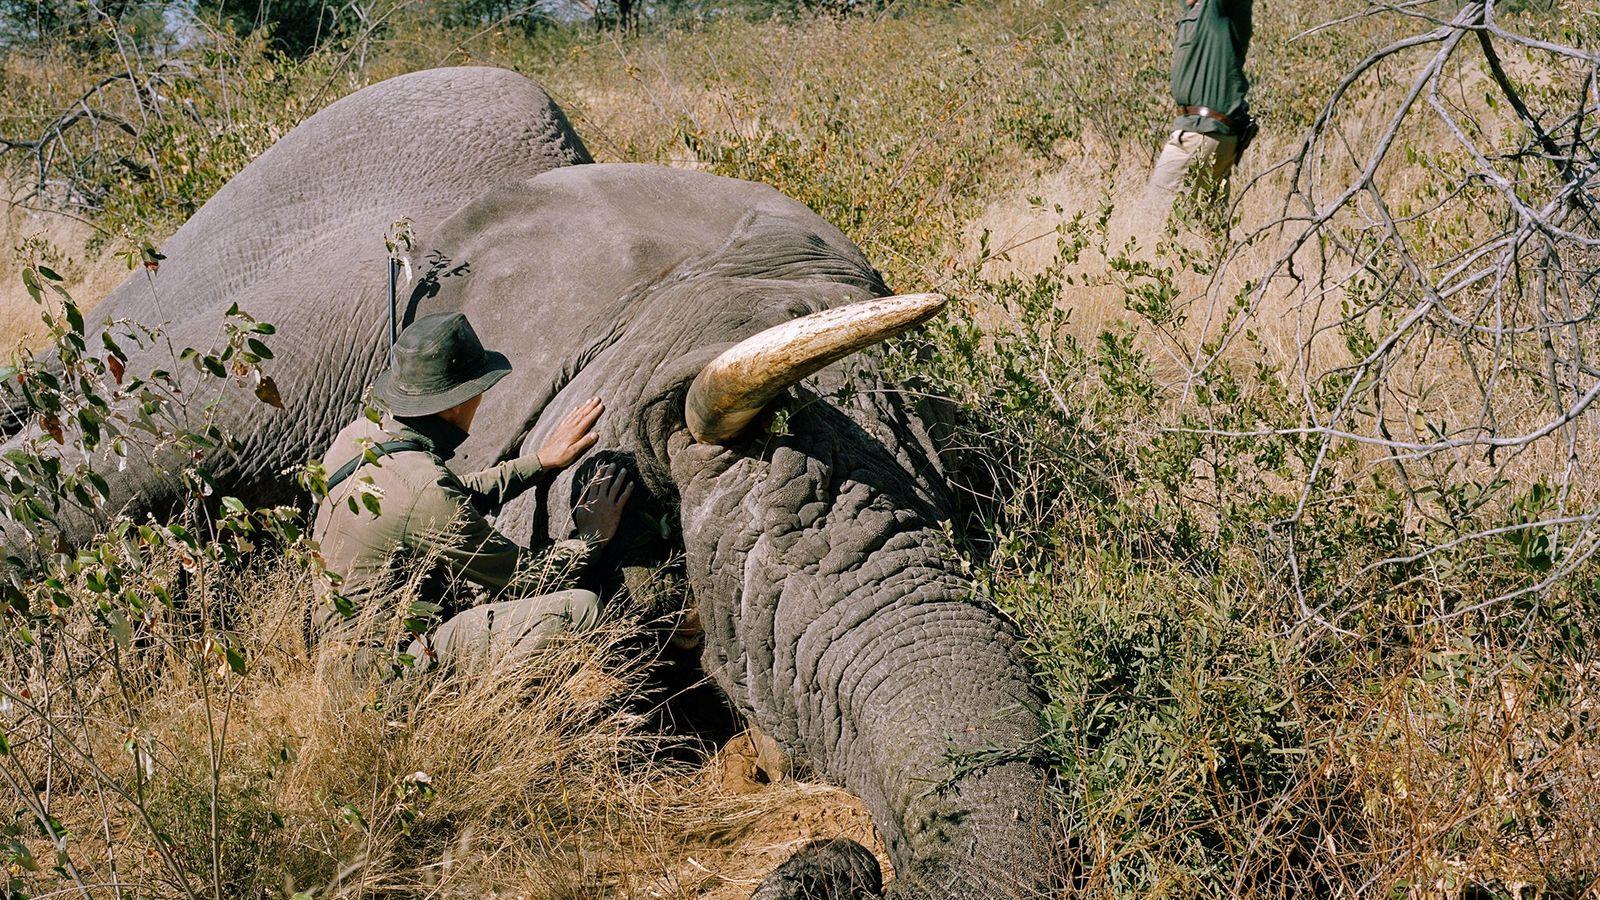 Un chasseur allemand vient d'abattre un vieil éléphant mâle en Namibie. Le débat concernant la chasse ...